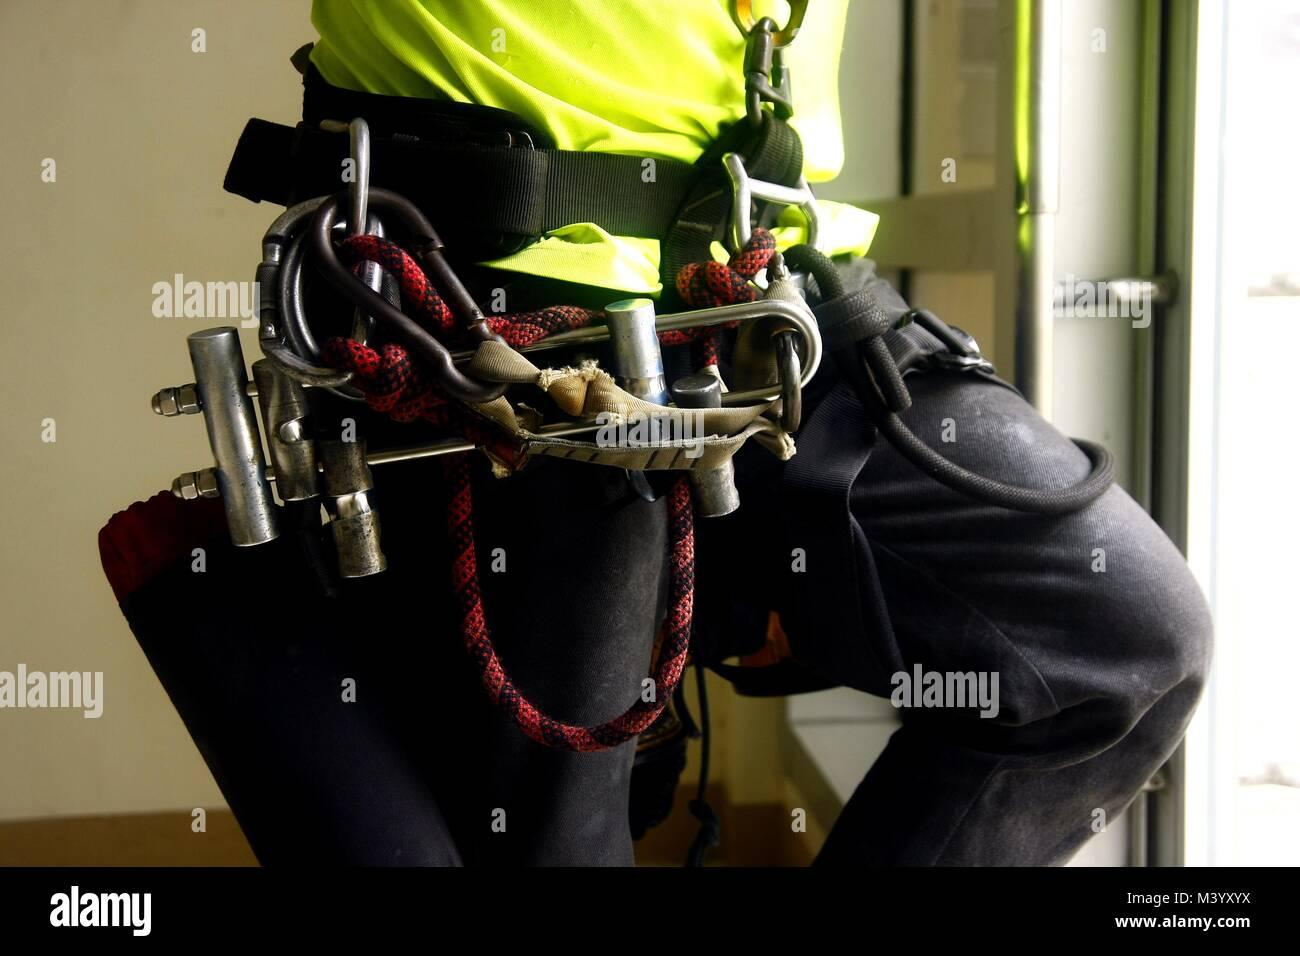 Foto de un equipo de alpinismo alrededor de la cintura de un hombre Foto de stock